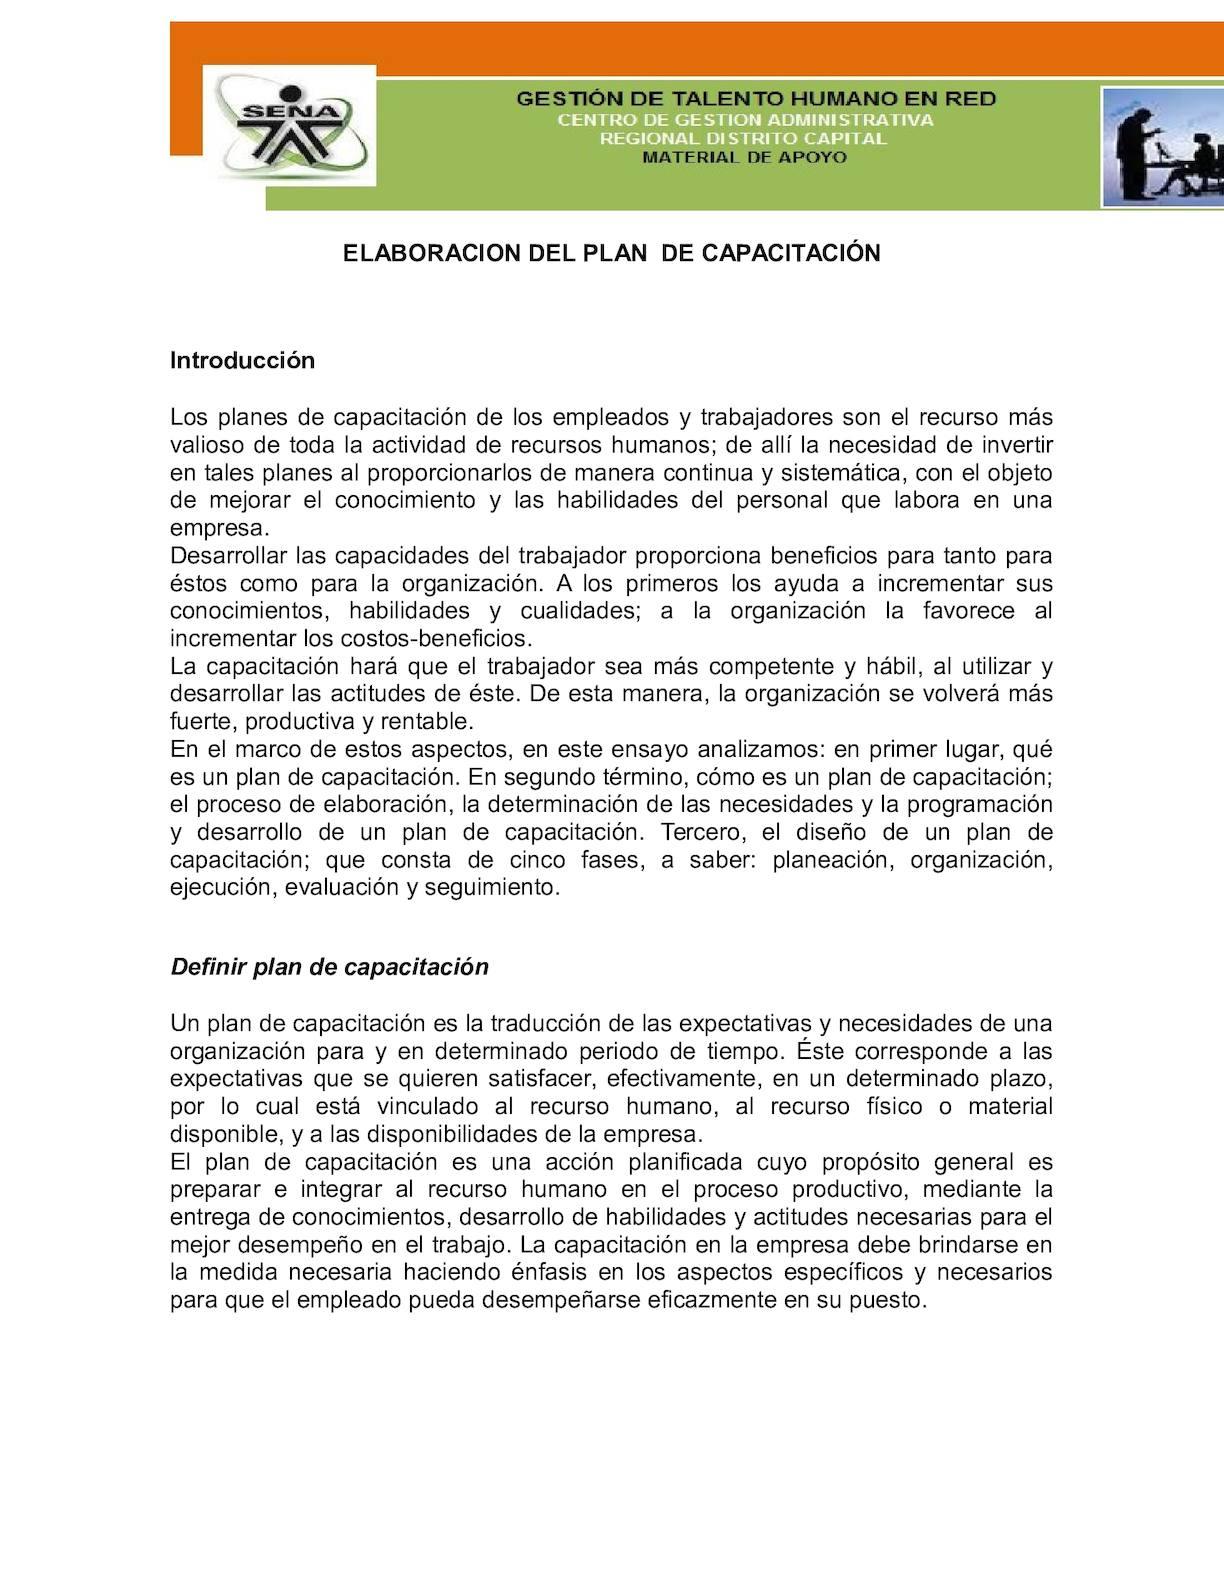 1 Elaboracion Del Plan De Capacitacion